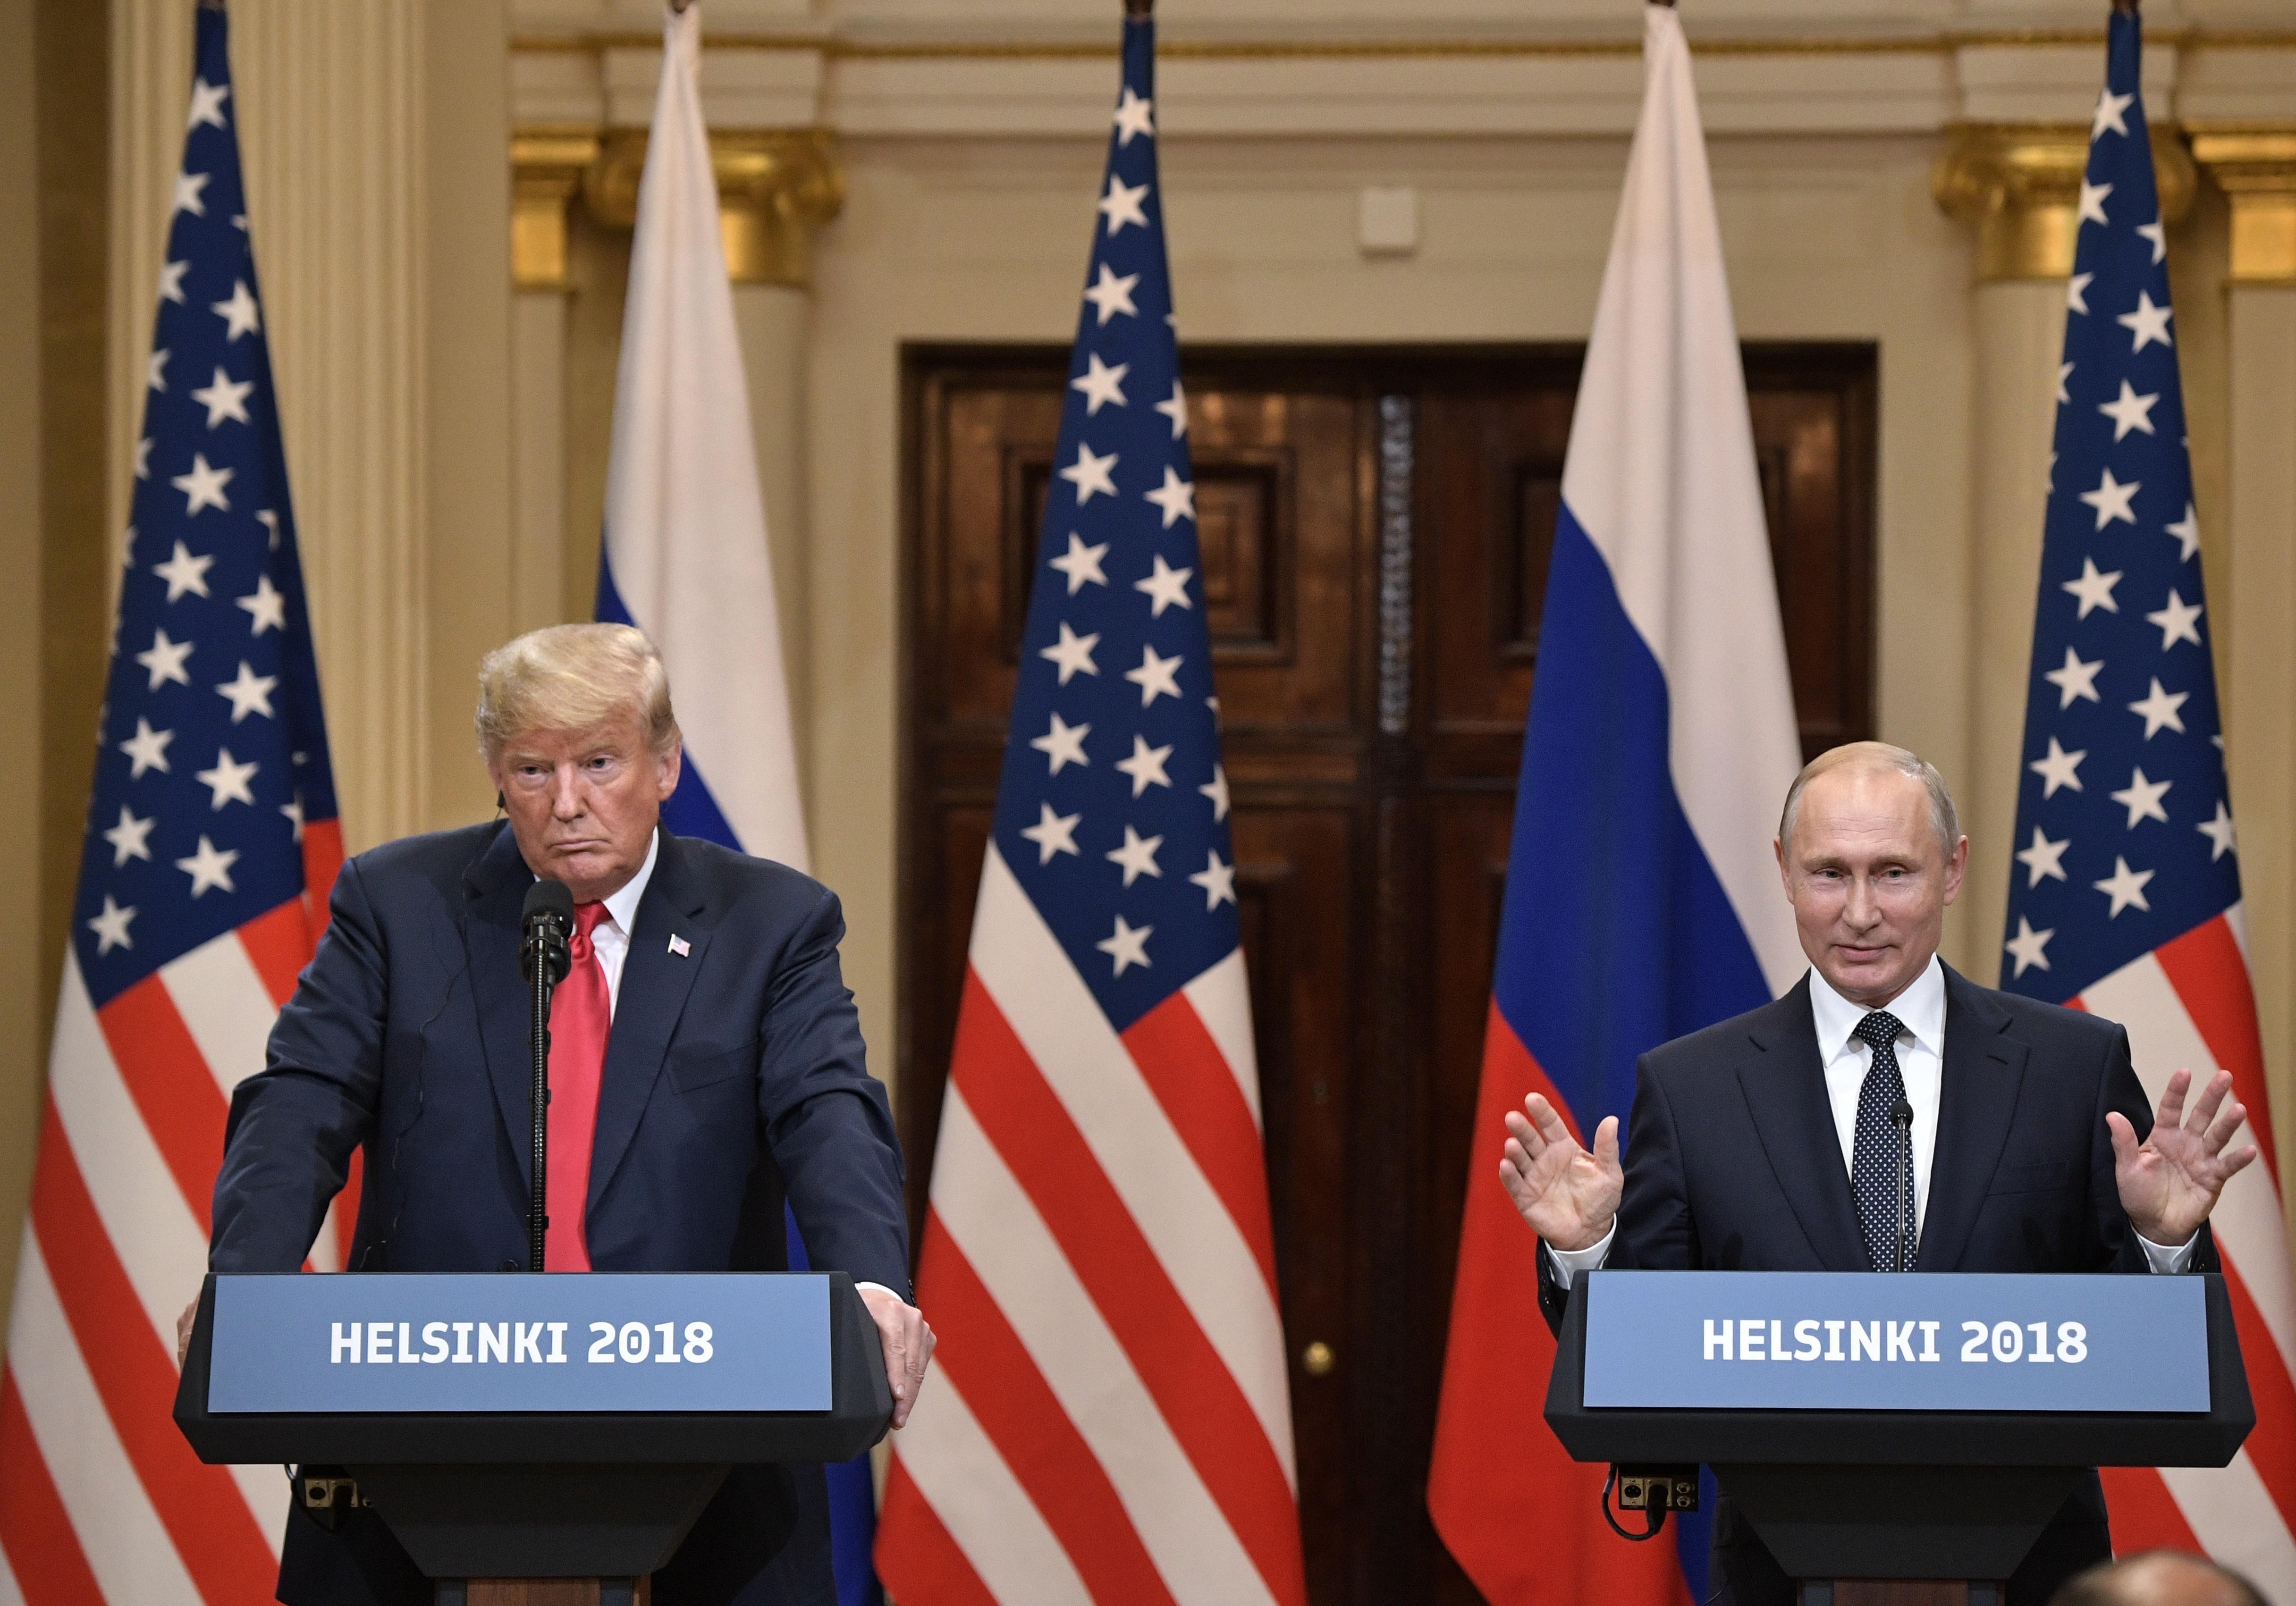 <p>Дональд Трамп (слева) и Владимр Путин.&nbsp;Фото: &copy; РИА Новости / Алексей Никольский</p>